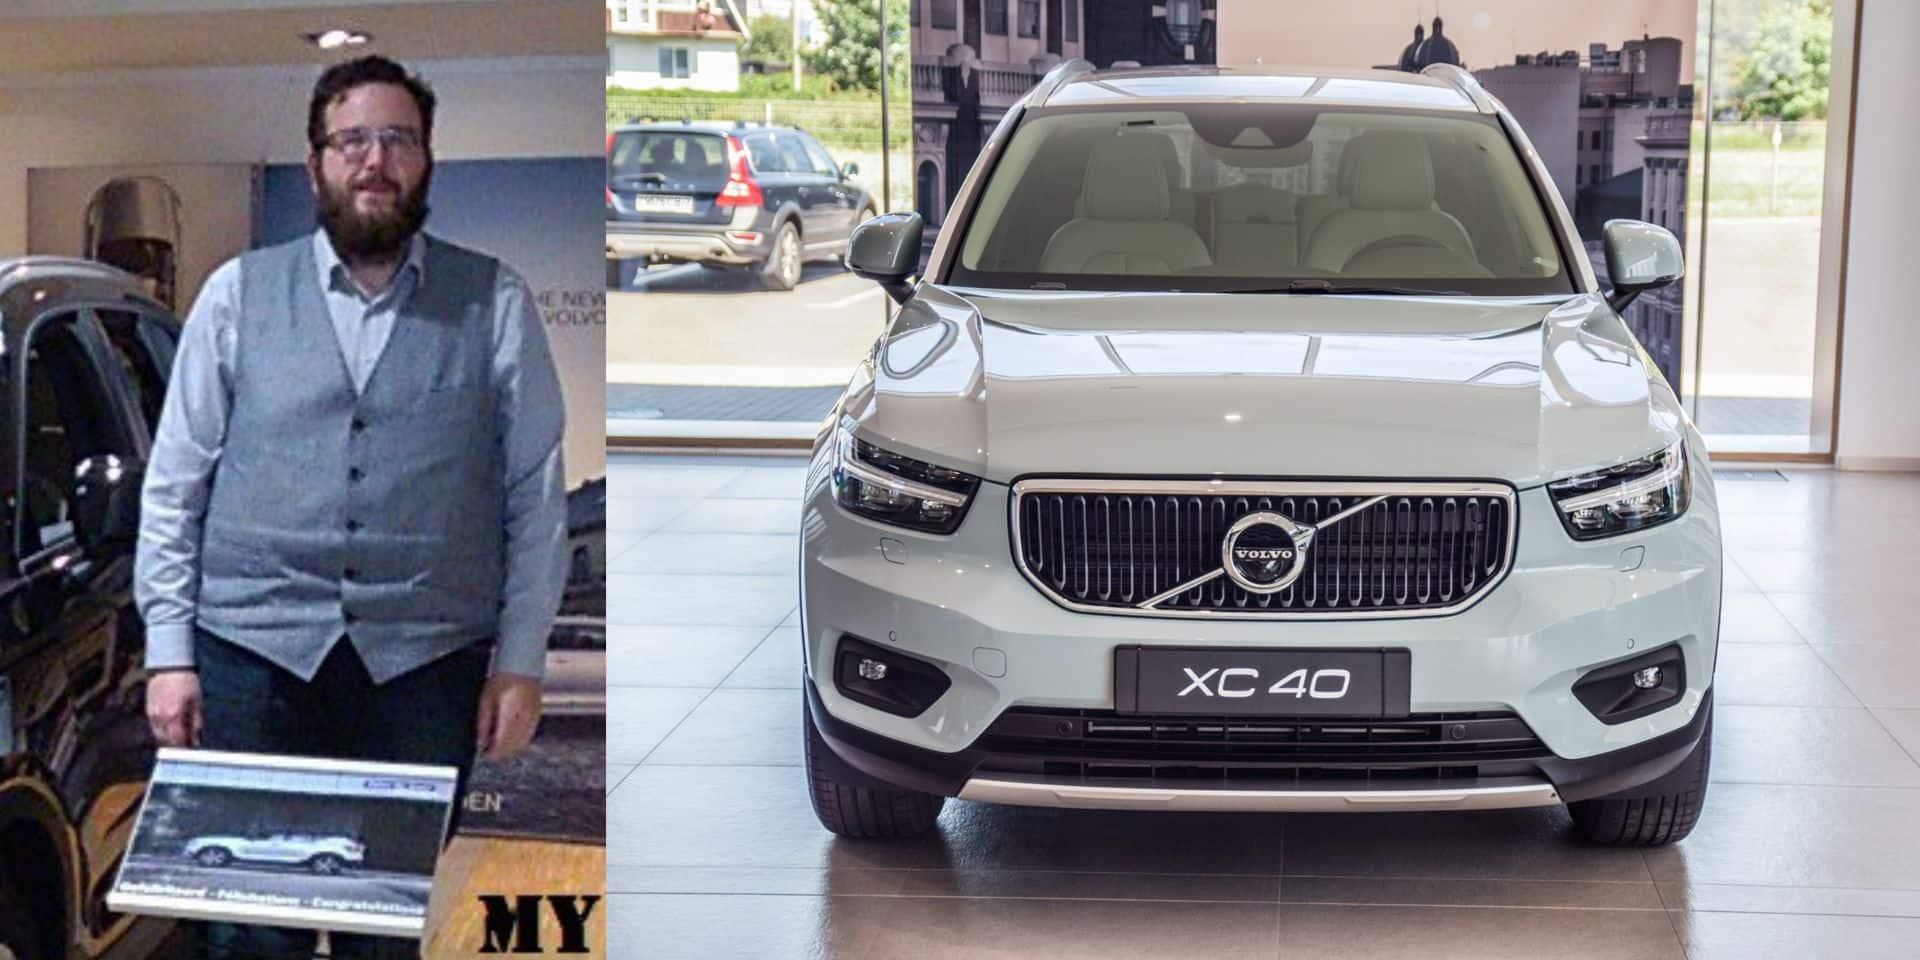 Capharnaüm administratif concernant la zone basses-émissions de Bruxelles: il achète une Volvo flambant neuve et reçoit 350 euros d'amende quand même!